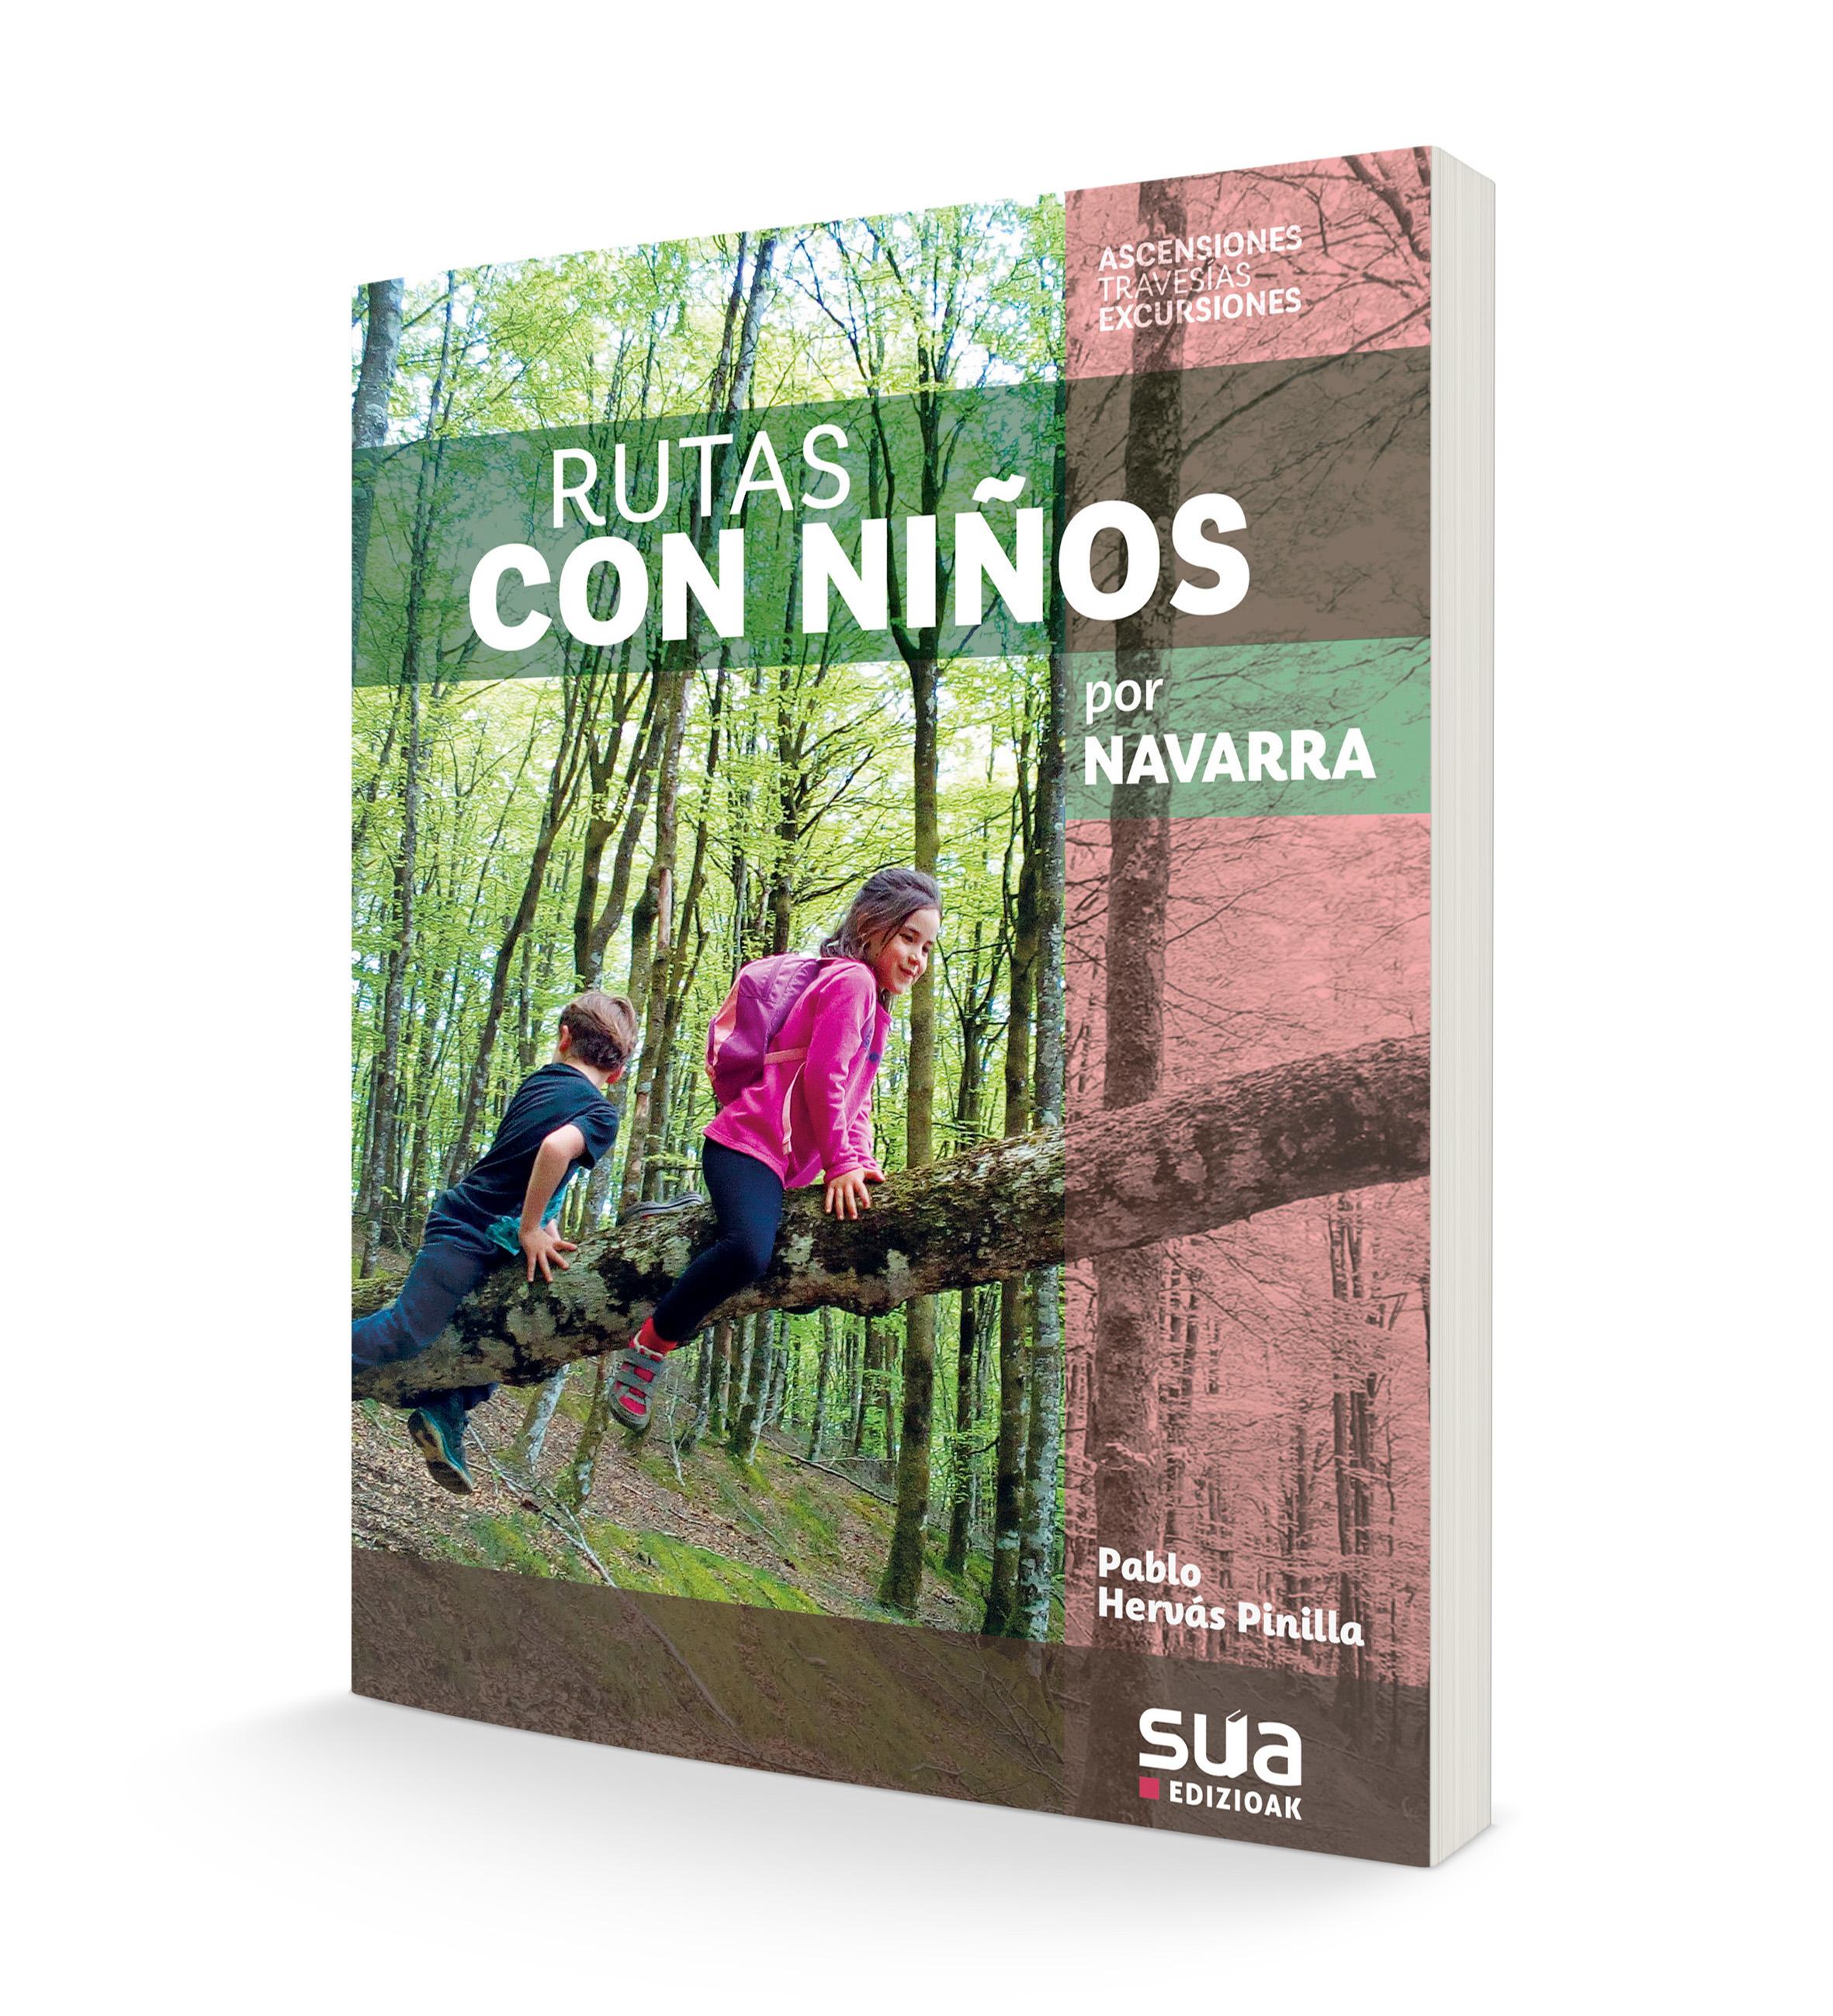 Rutas CON NIÑOS por NAVARRA_mtdo